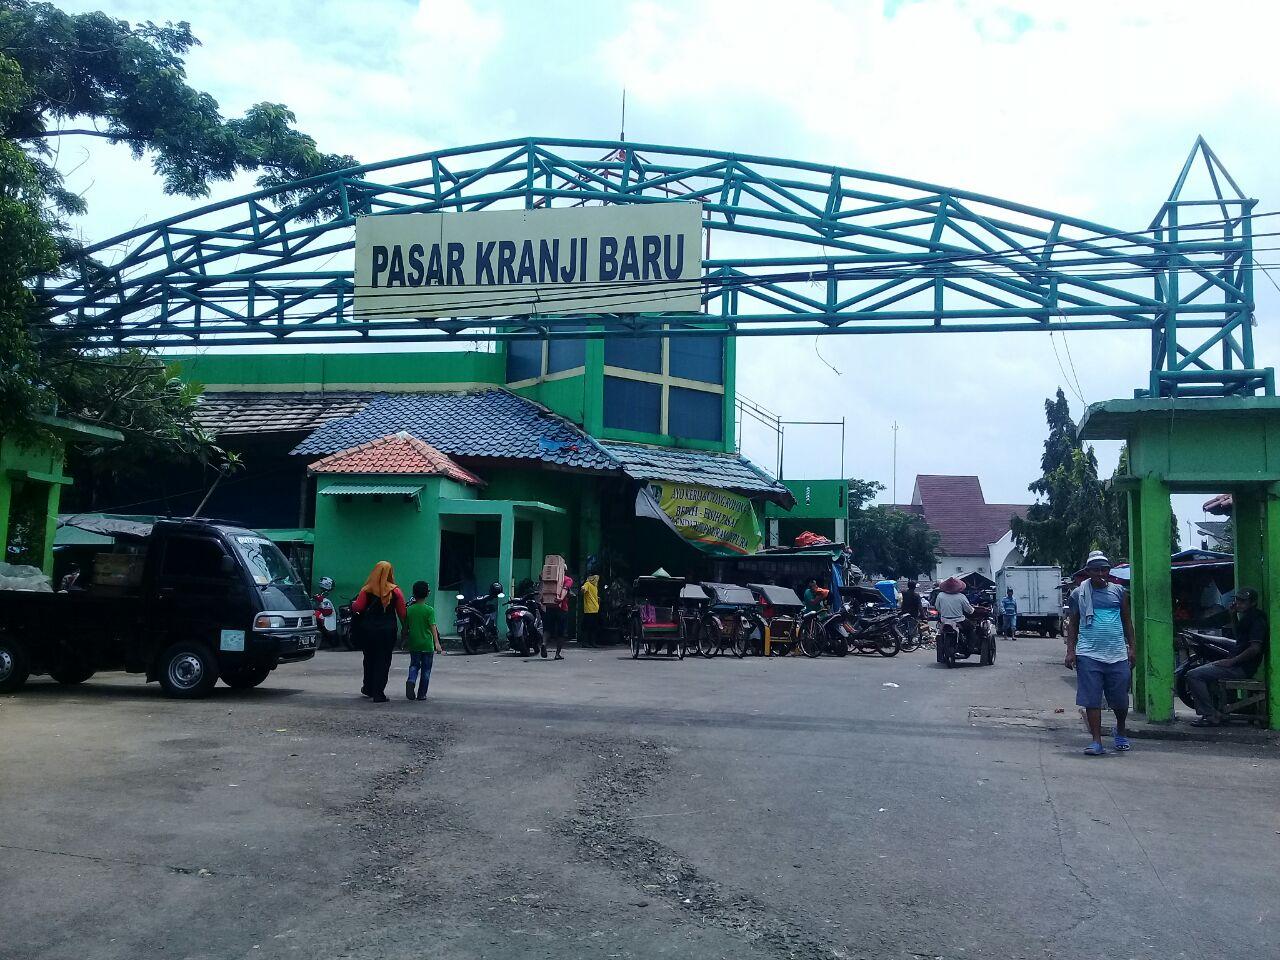 UPTD Pasar Baru Kranji Gandeng Bulog Tekan Harga Sembako